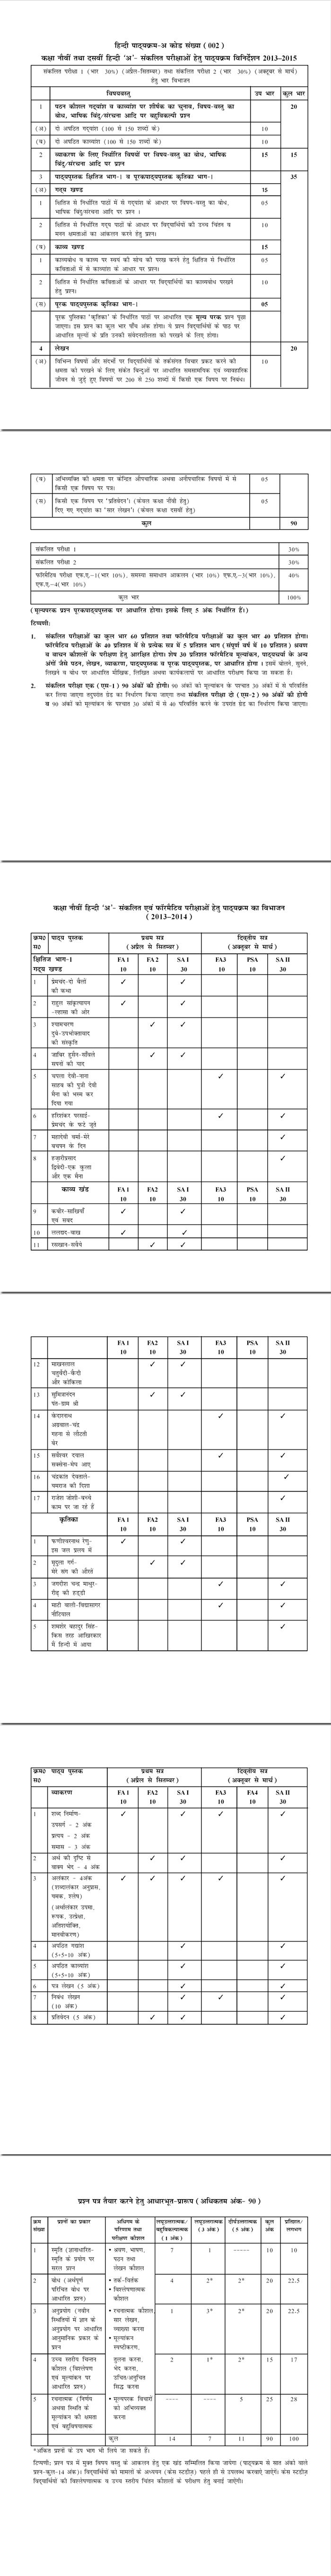 hindi A